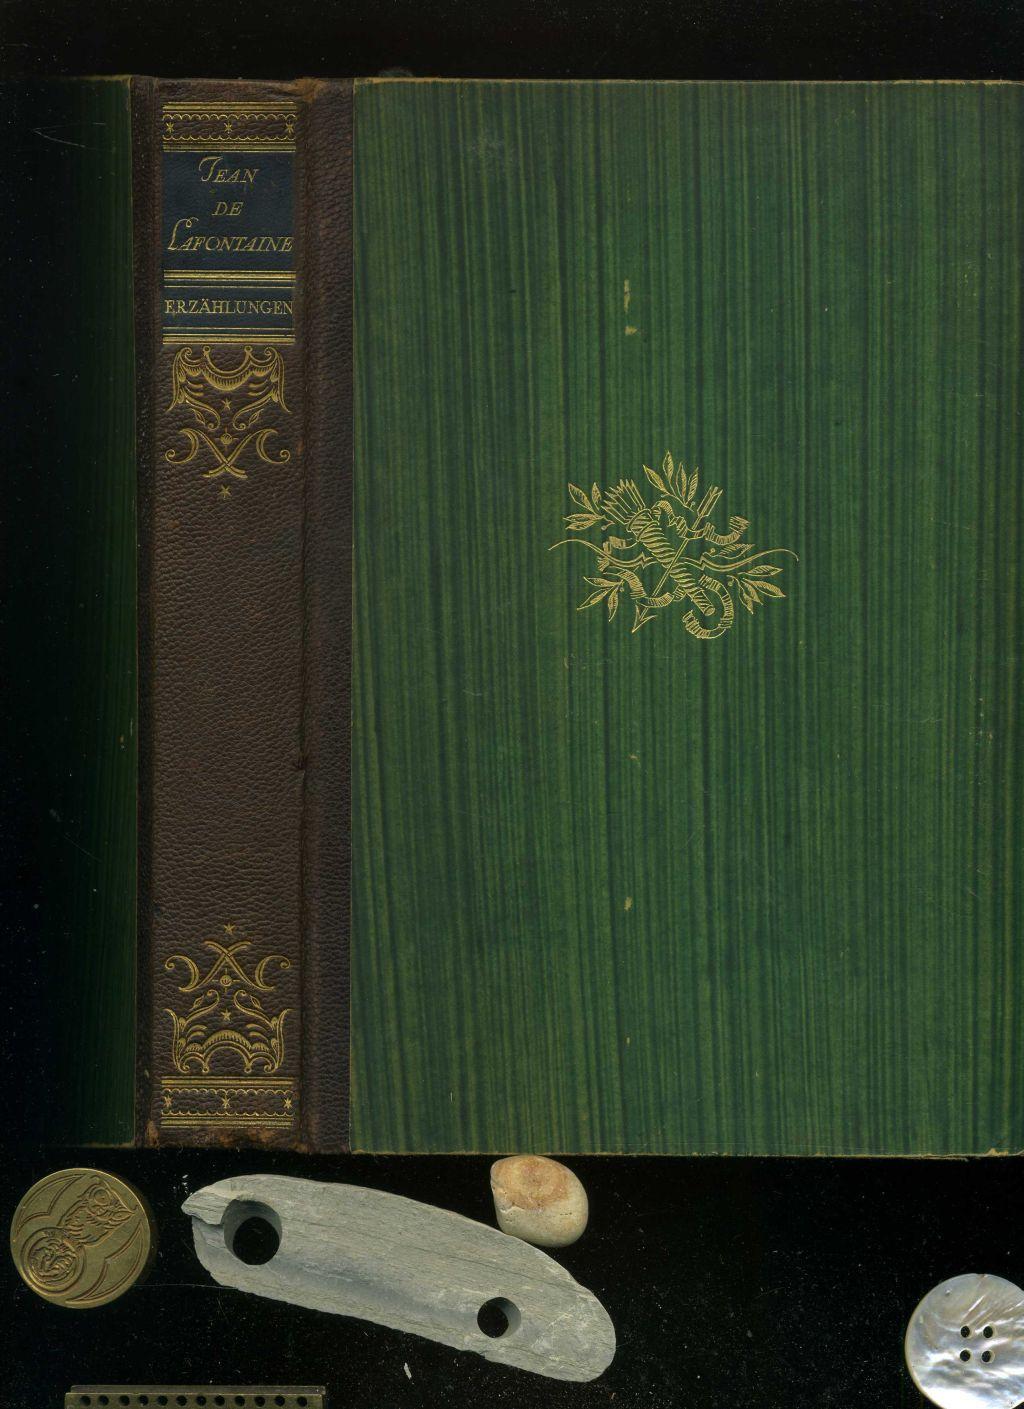 Erzählungen. Mit 35 Tafeln in Kupfertiefdruck nach den Stichen von Charles Eisen. Lafontaine, Jean de. Hardcover